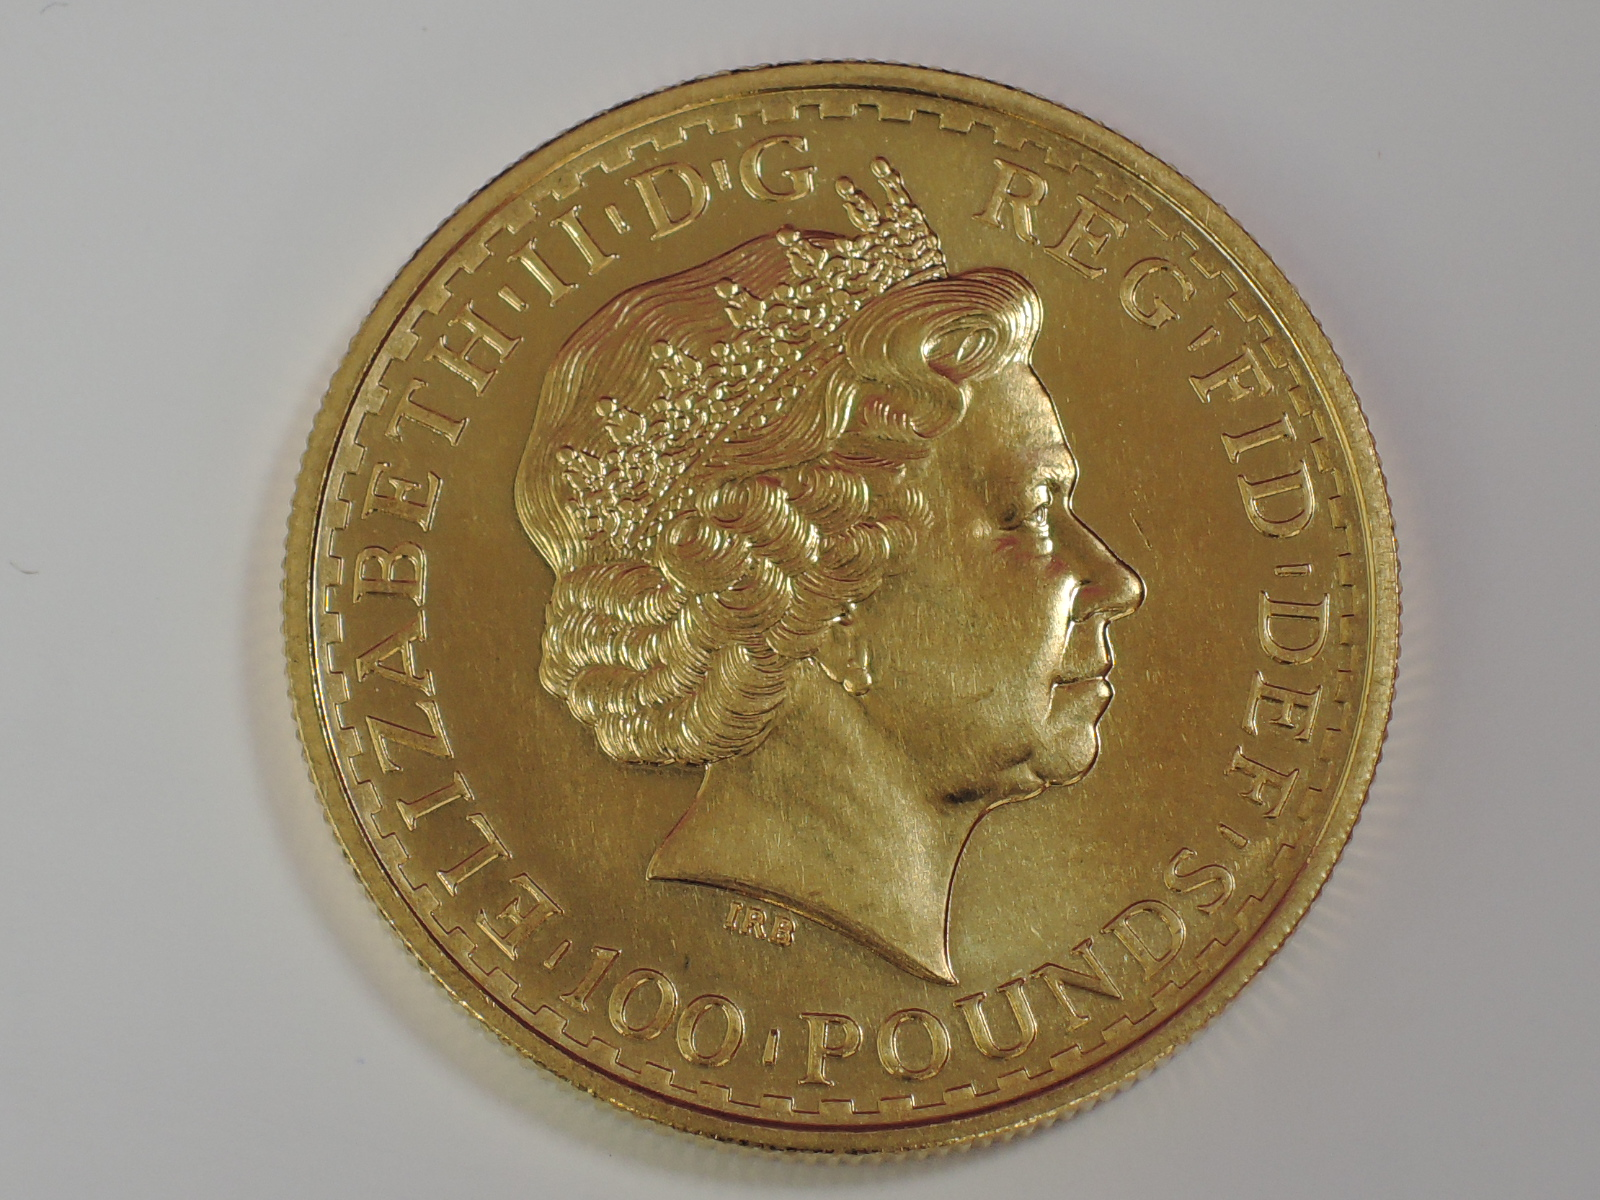 Lot 634 - A gold 1oz 2000 Great Britain Britannia 100 pound coin, in plastic case